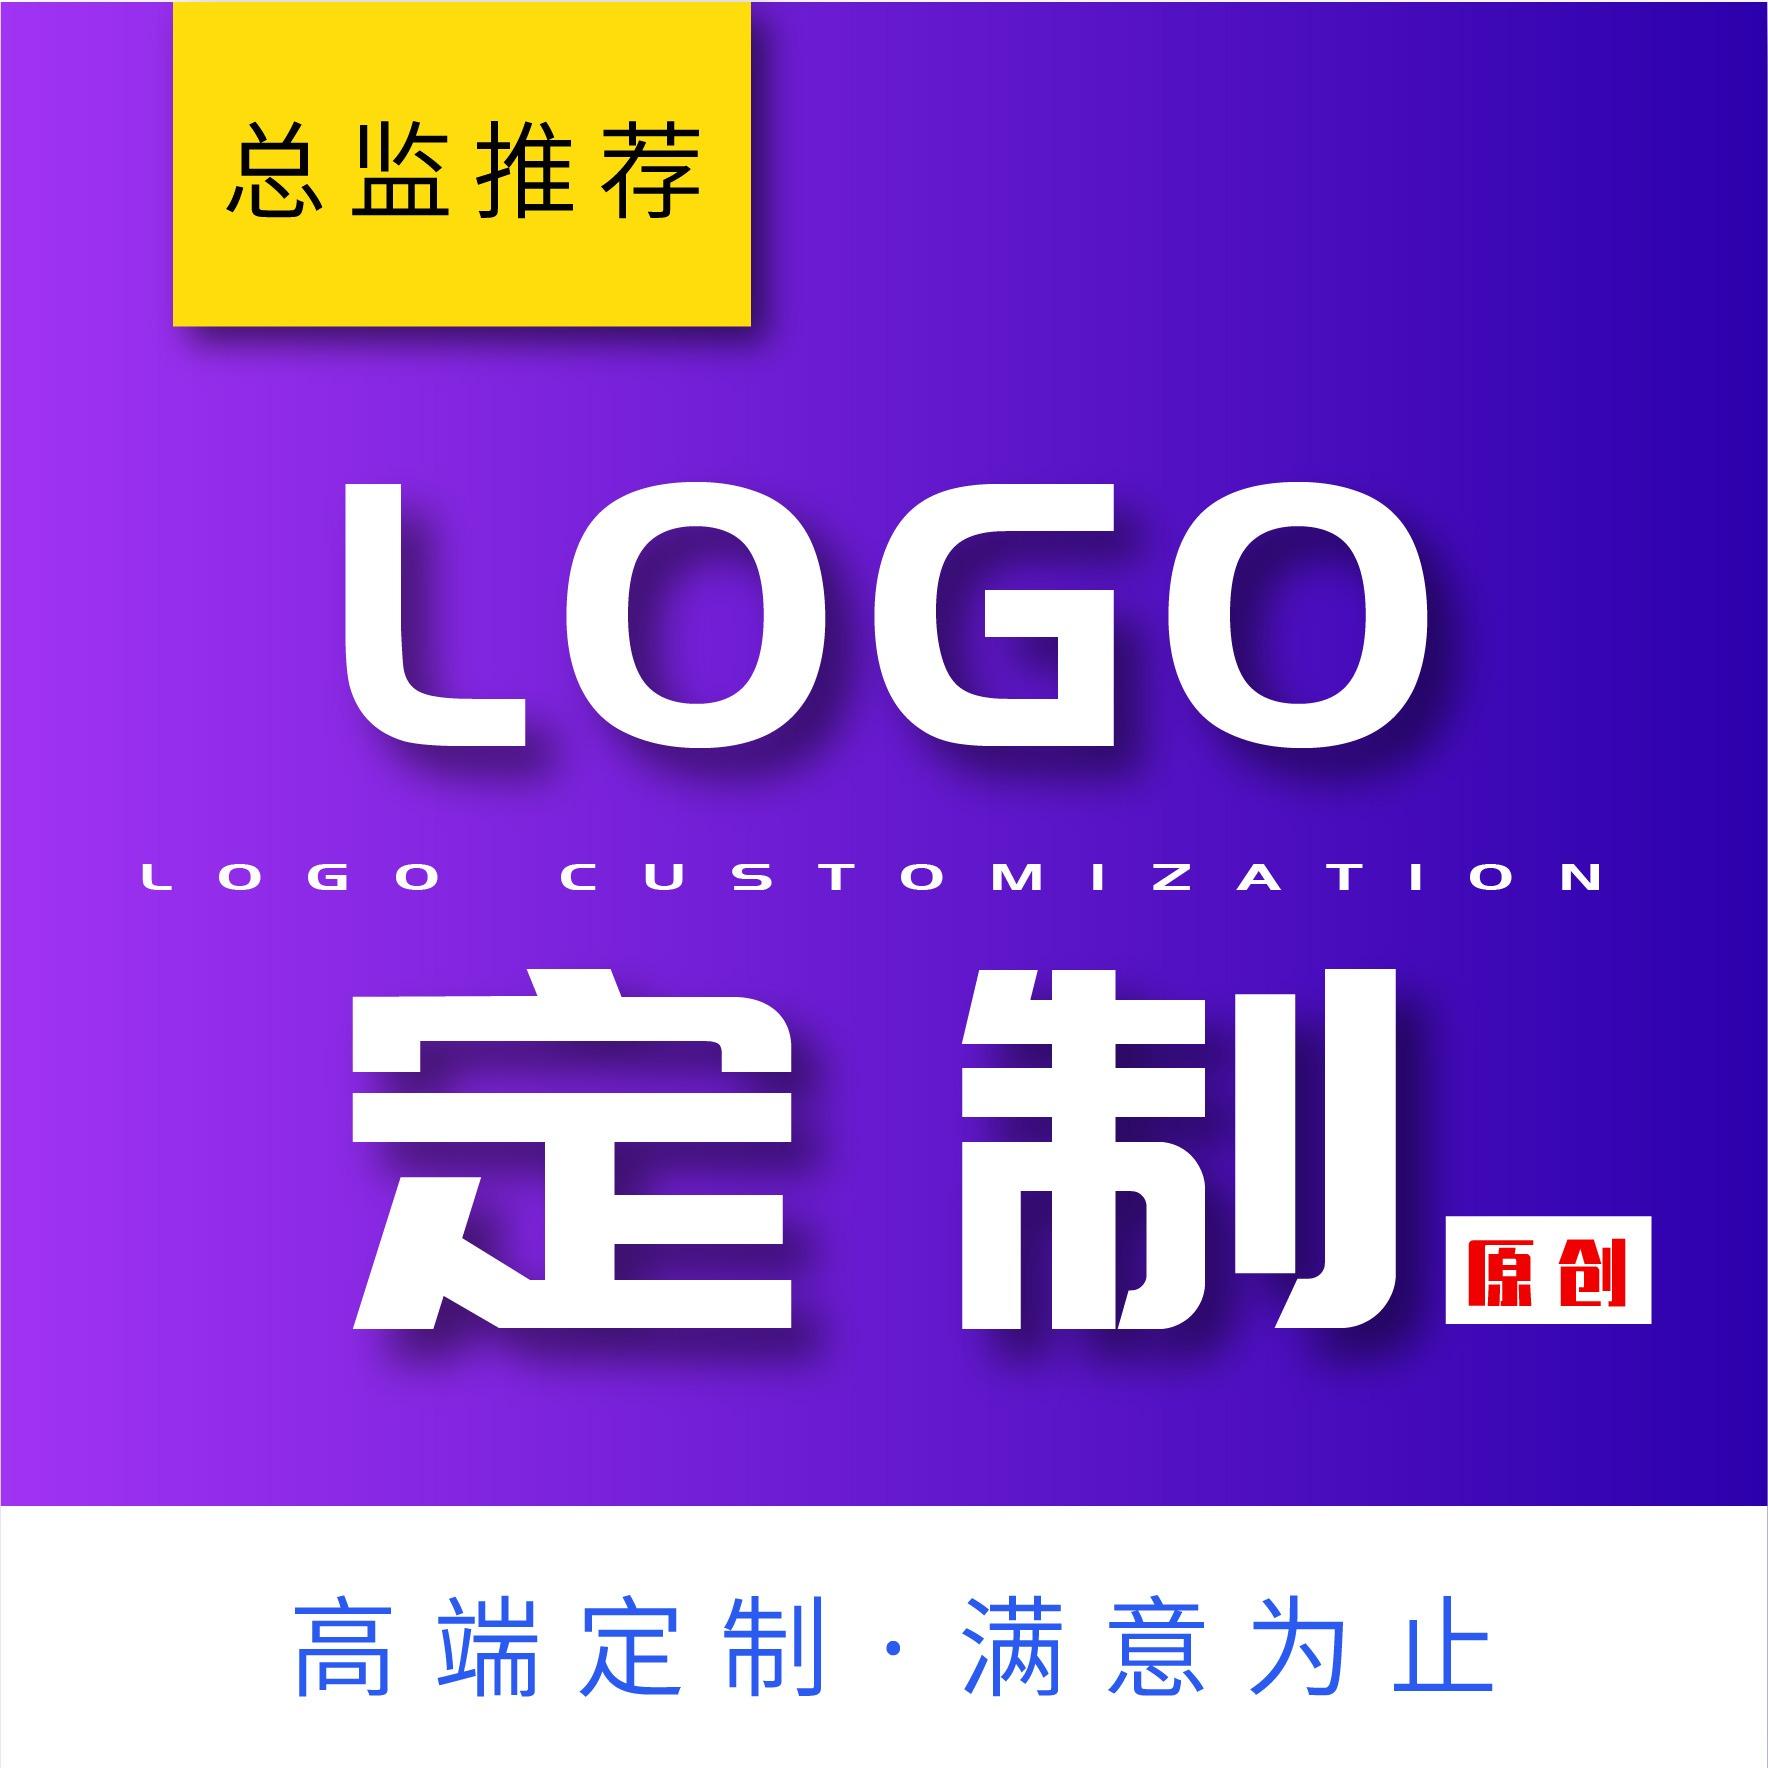 图案设计定制卡通吉祥物说明理念矢量图 logo 设计校徽注册起名